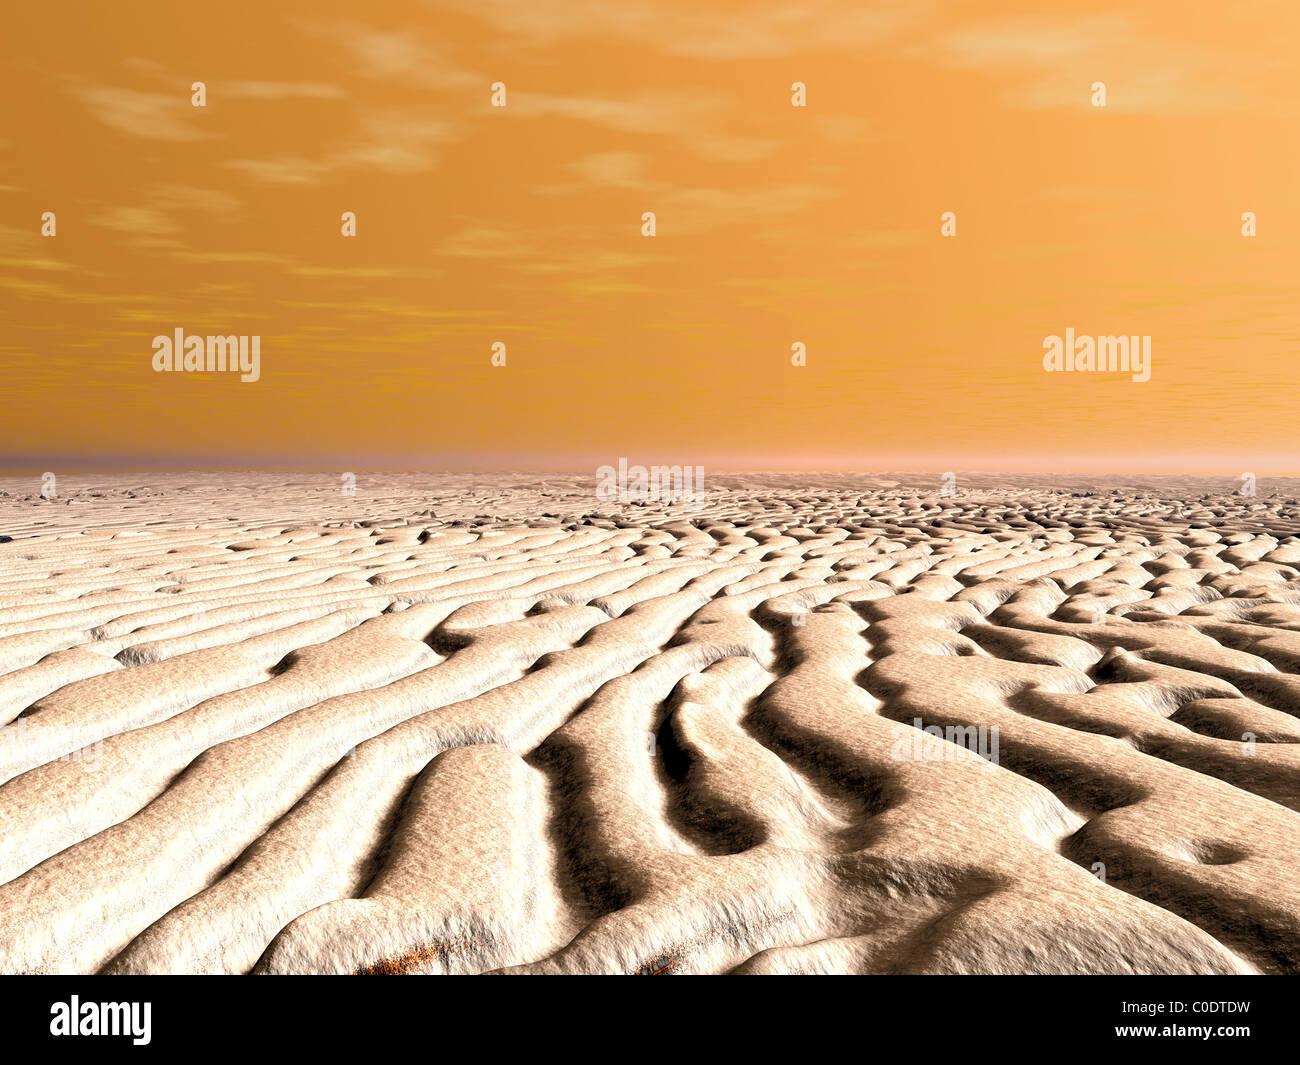 Un muelle amanecer sobre la superficie del polo sur de Marte. Imagen De Stock